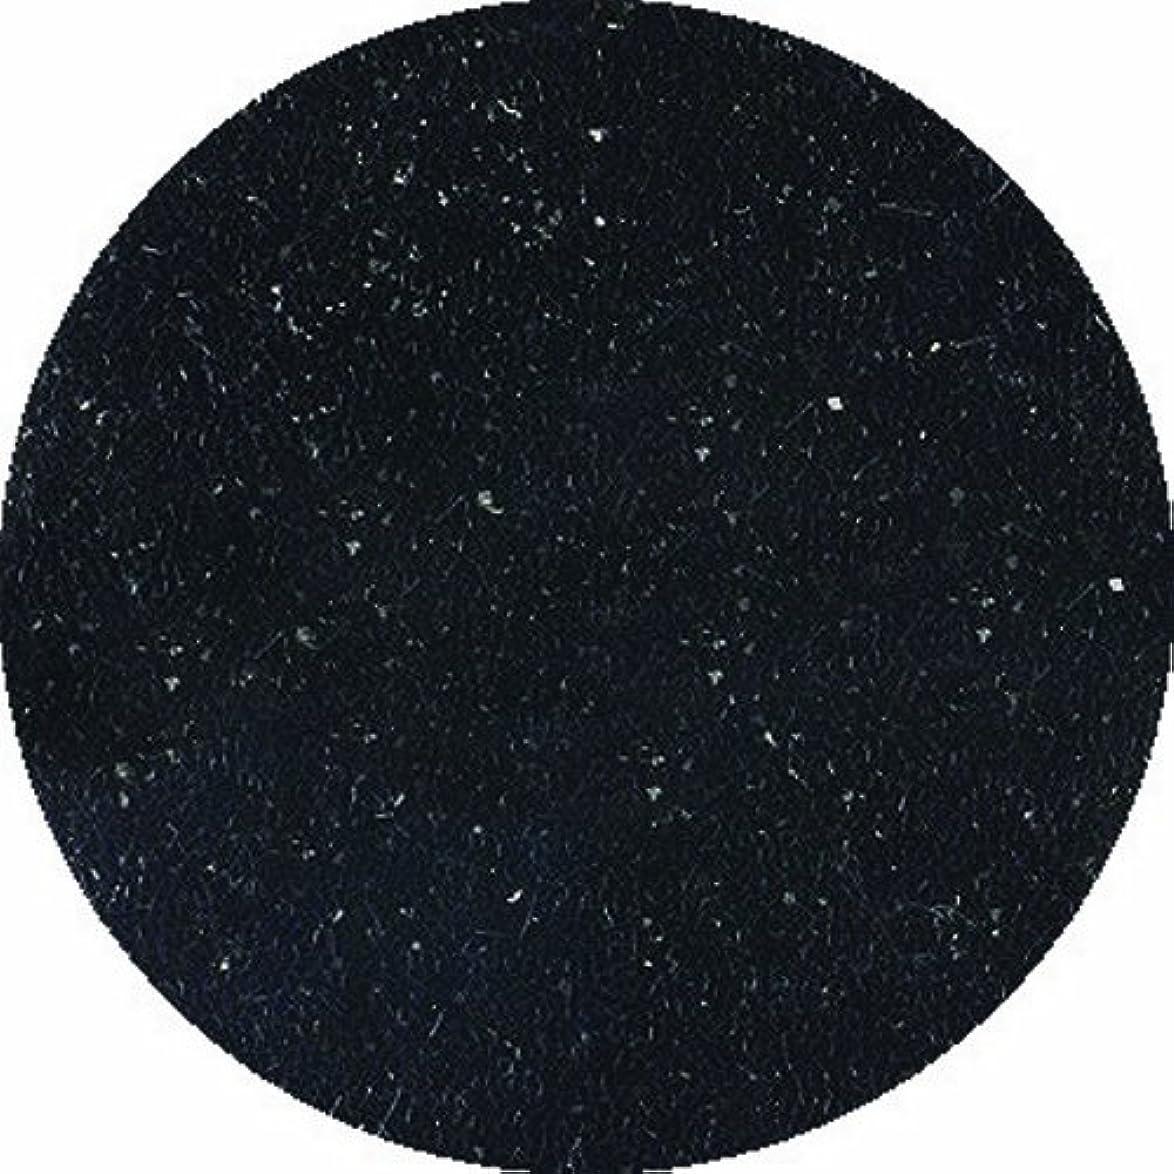 知覚論理的に注ぎますビューティーネイラー ネイル用パウダー 黒崎えり子 ジュエリーコレクション ブラック0.05mm